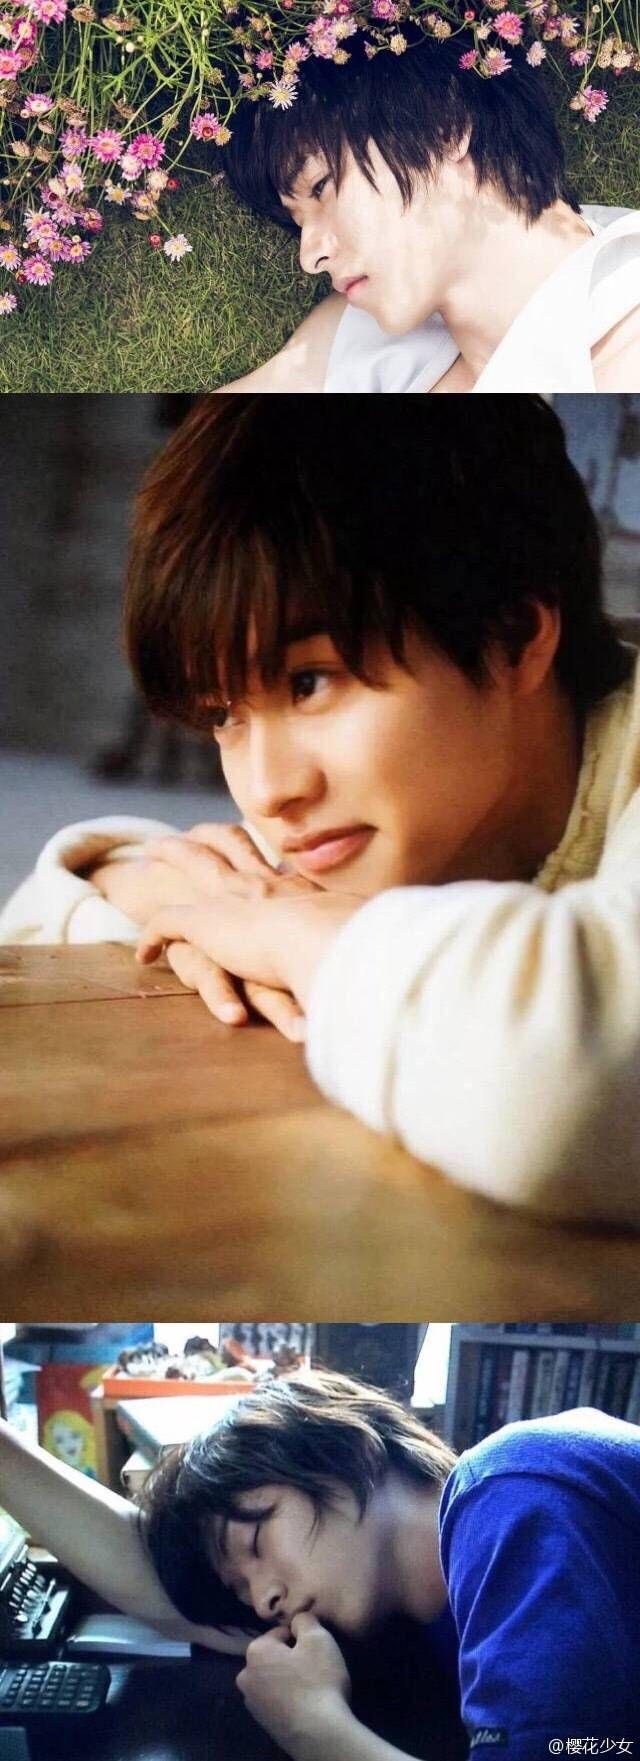 #MyBabyKento #KentoYamazaki #YamazakiKento #kentooyamazaki #Japaneseboy #Japanesactor #山崎賢人 #MyBoy